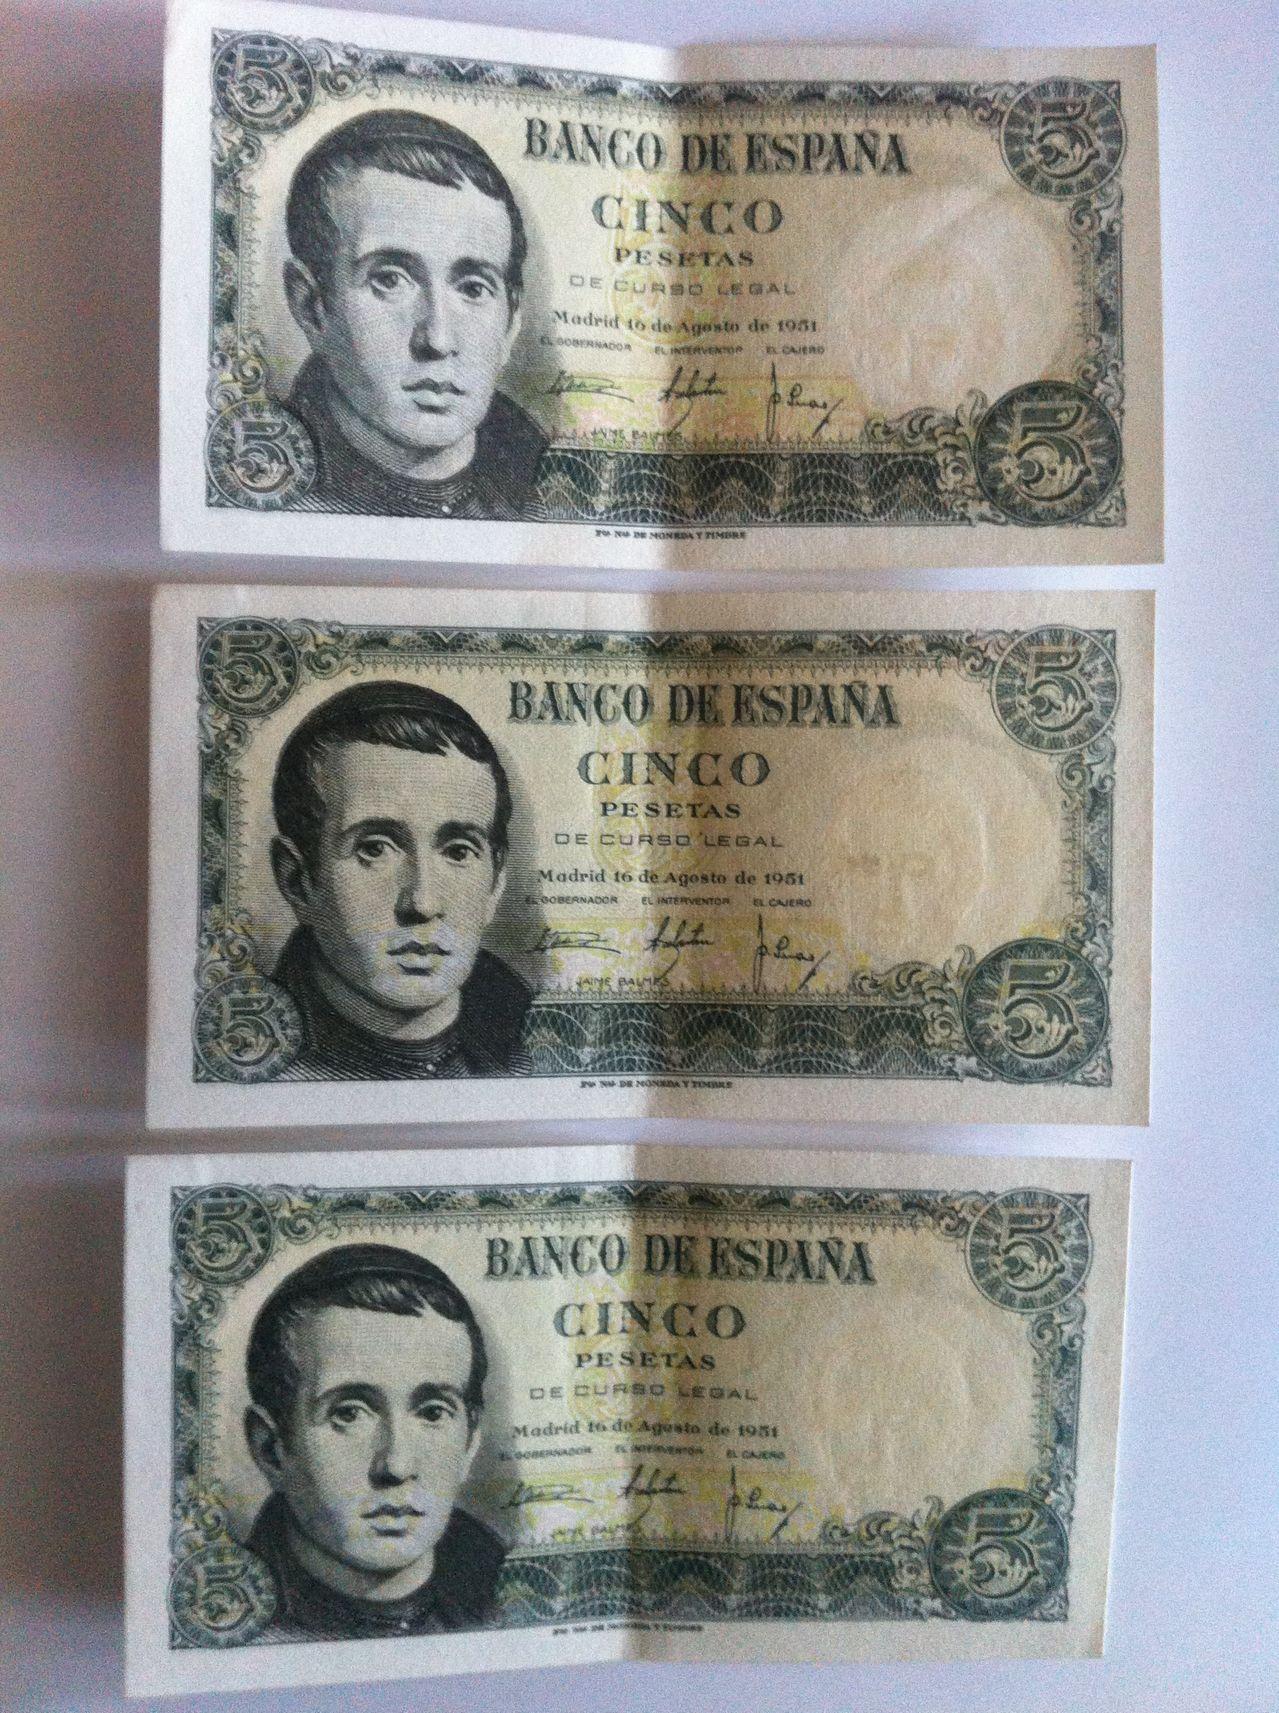 Ayuda para valorar coleccion de billetes IMG_4963